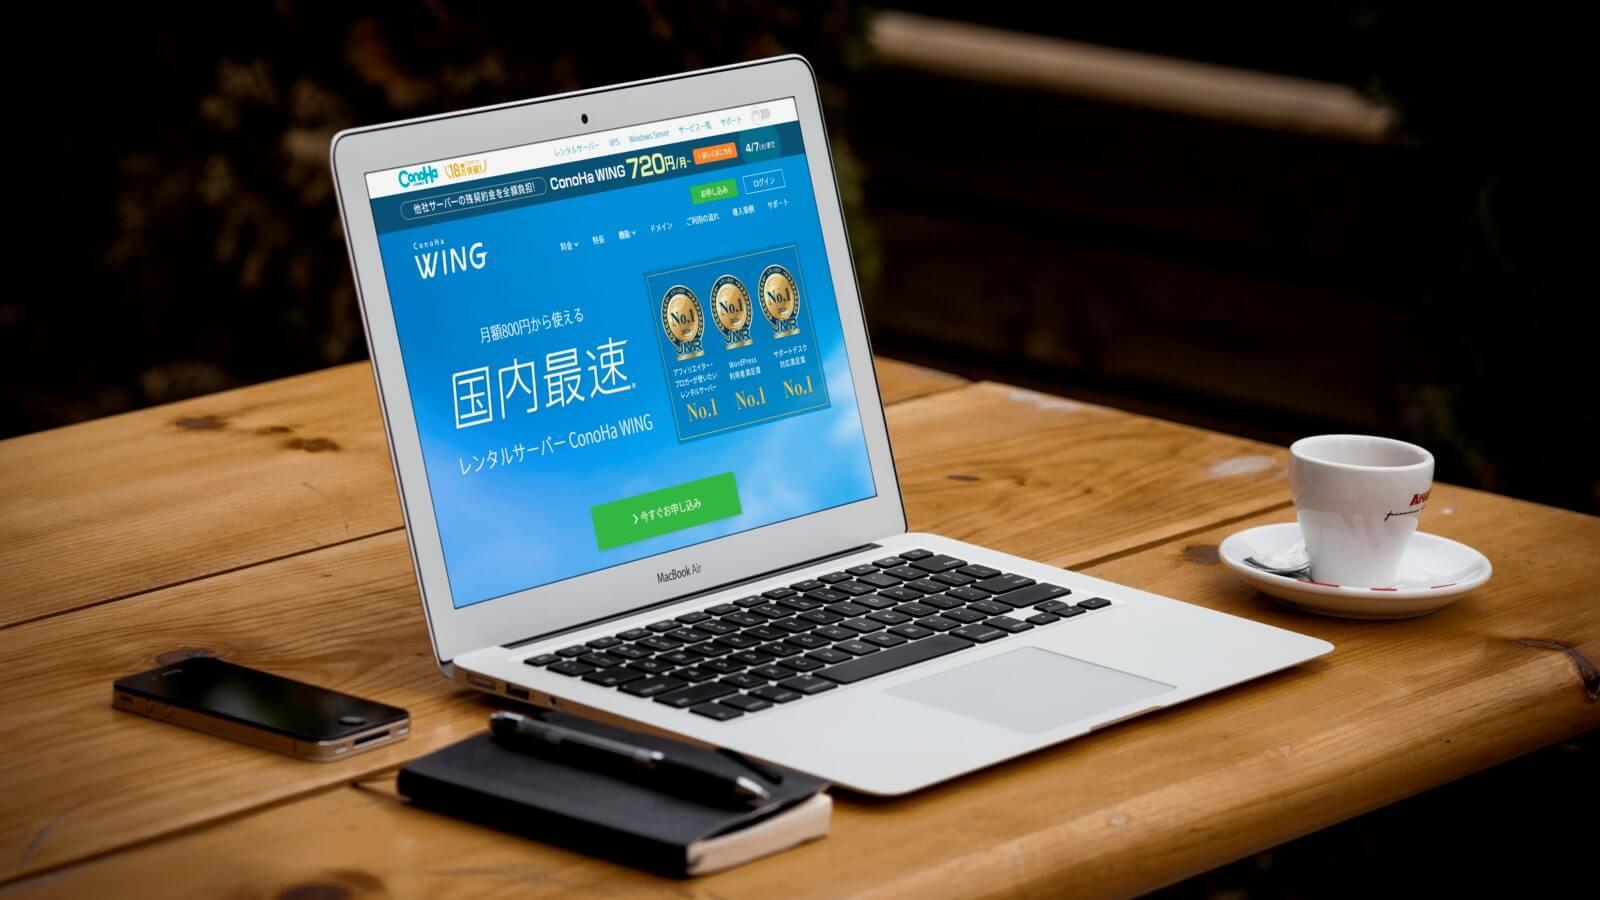 ConoHa WING(コノハ ウィング)で独自ドメインを取得しWordPress(ワードプレス) ブログを開設する全手順